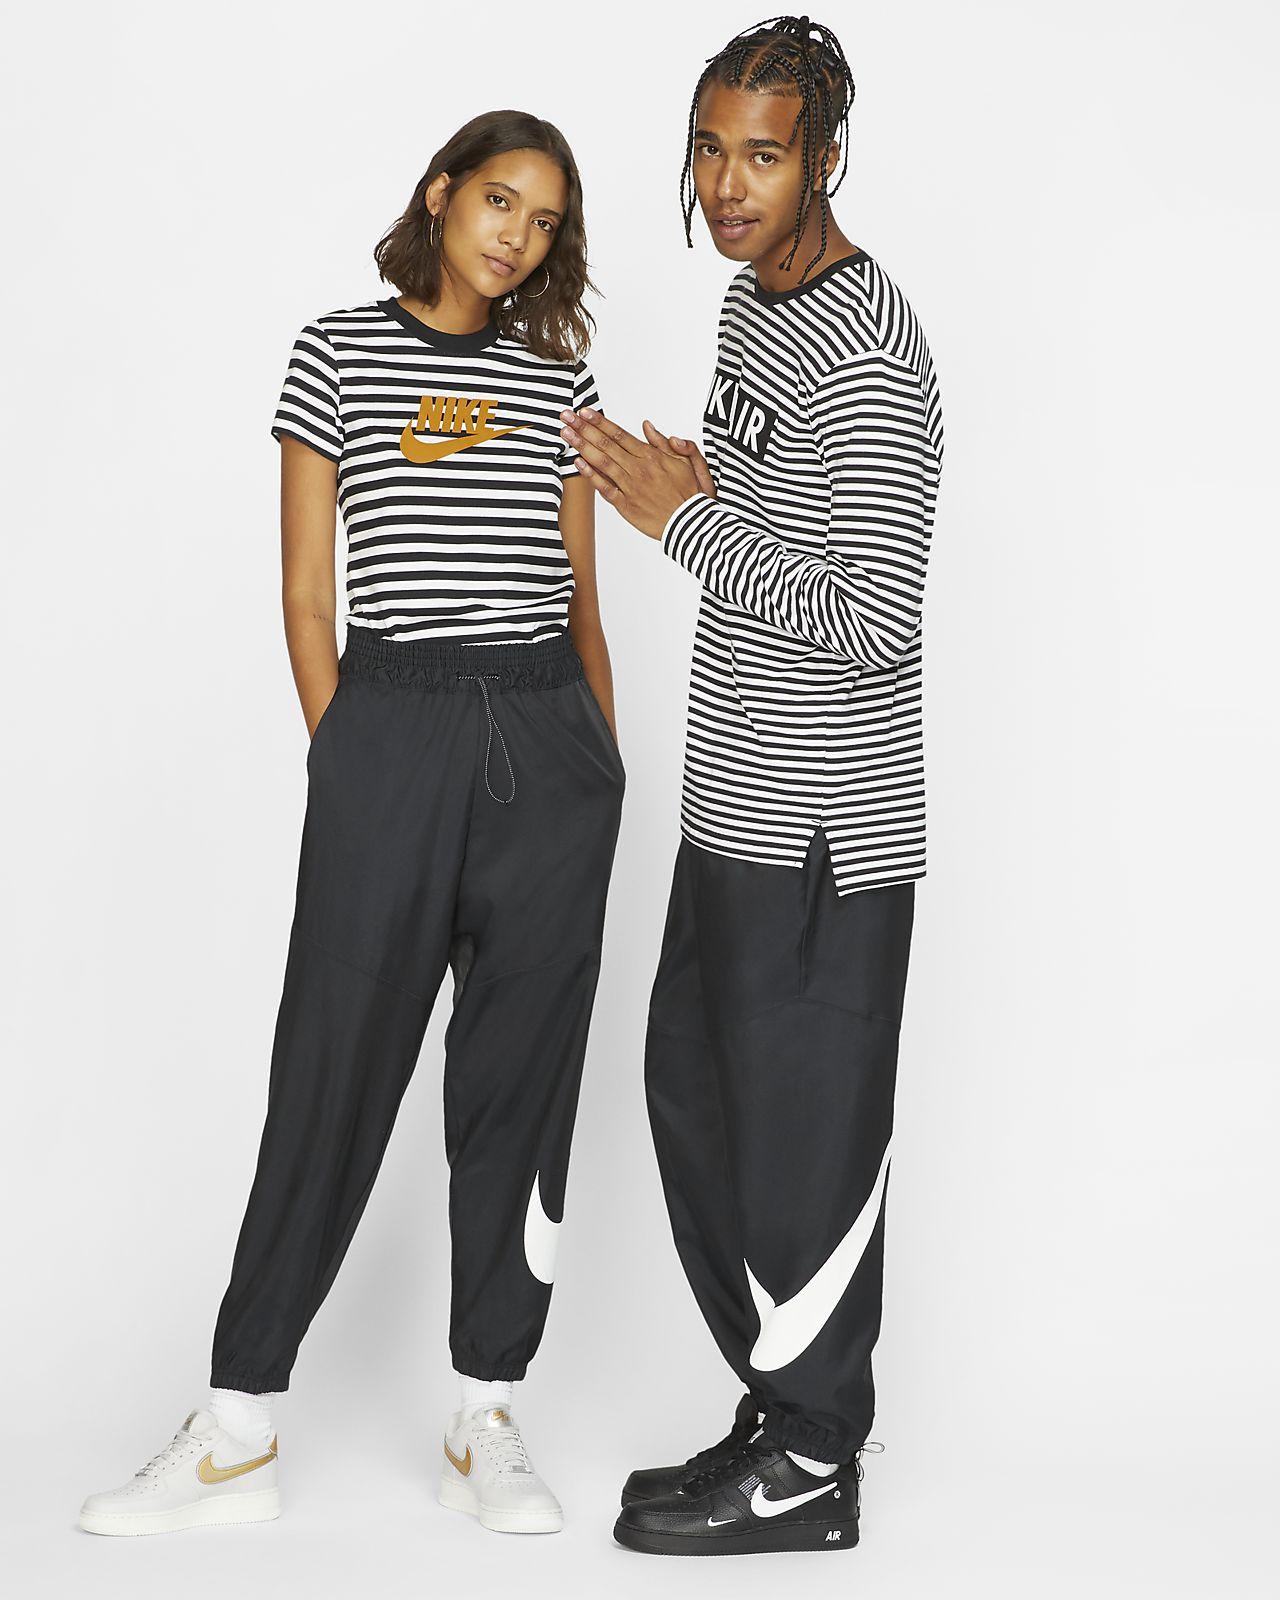 cc4f7ddbdfcf Nike Sportswear Swoosh Women s Woven Pants. Nike.com